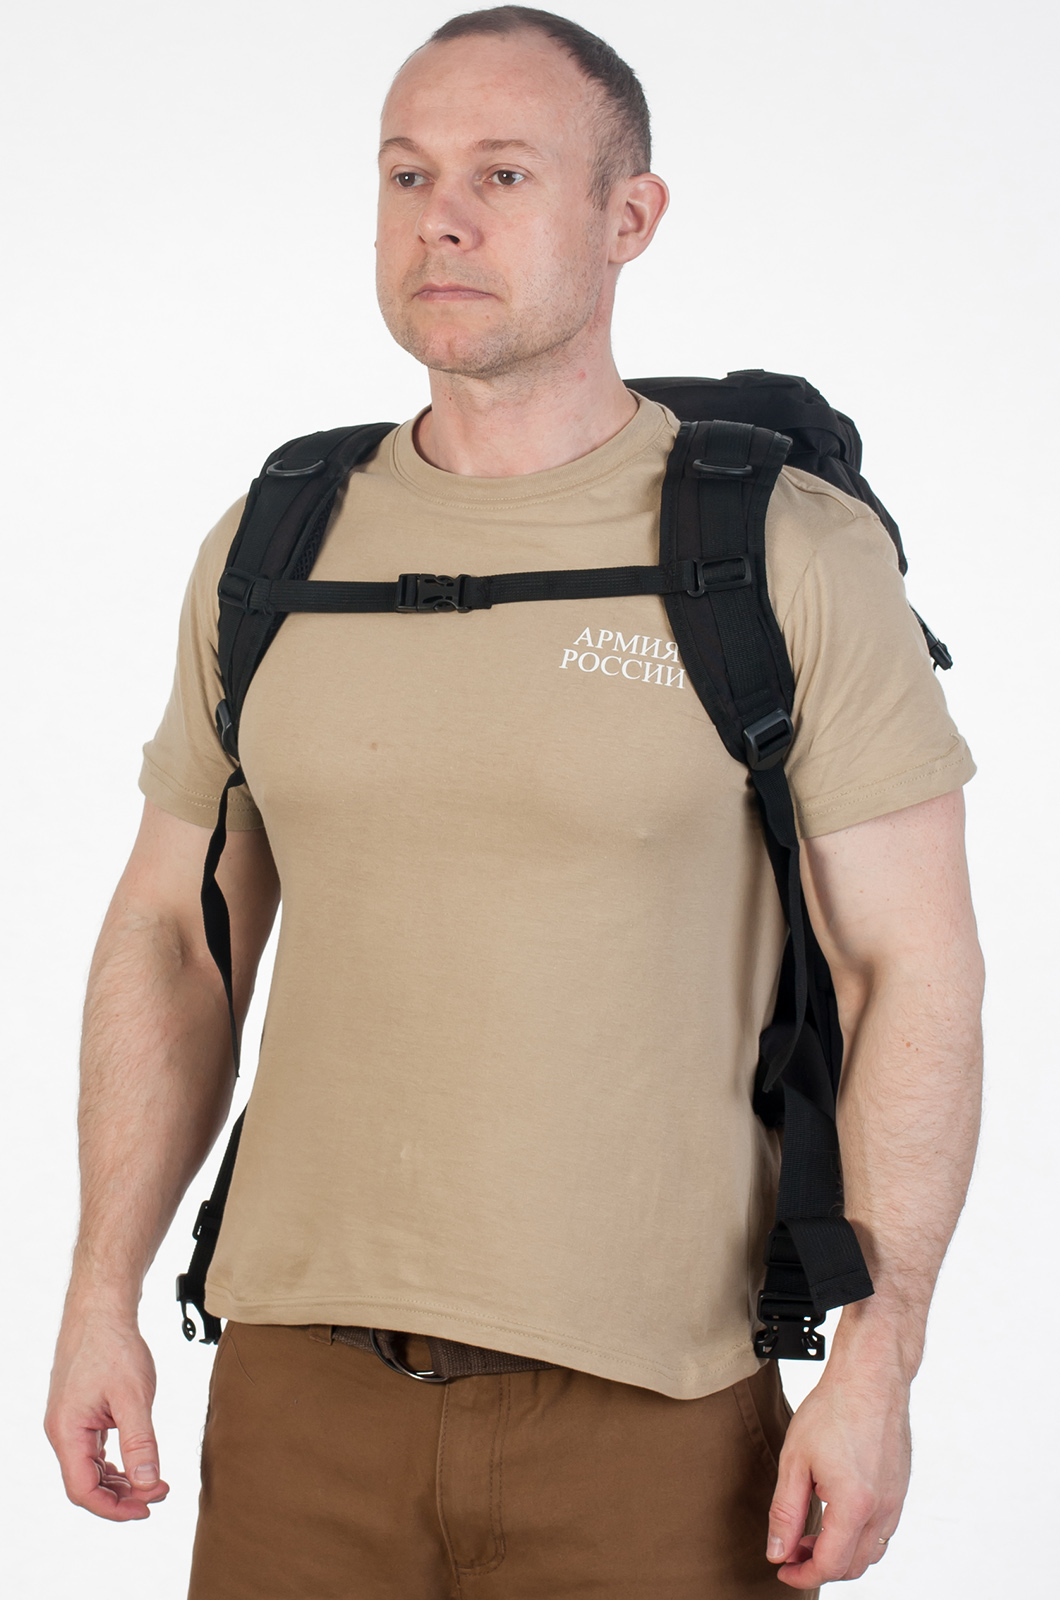 Мужской дорожный рюкзак с доставкой